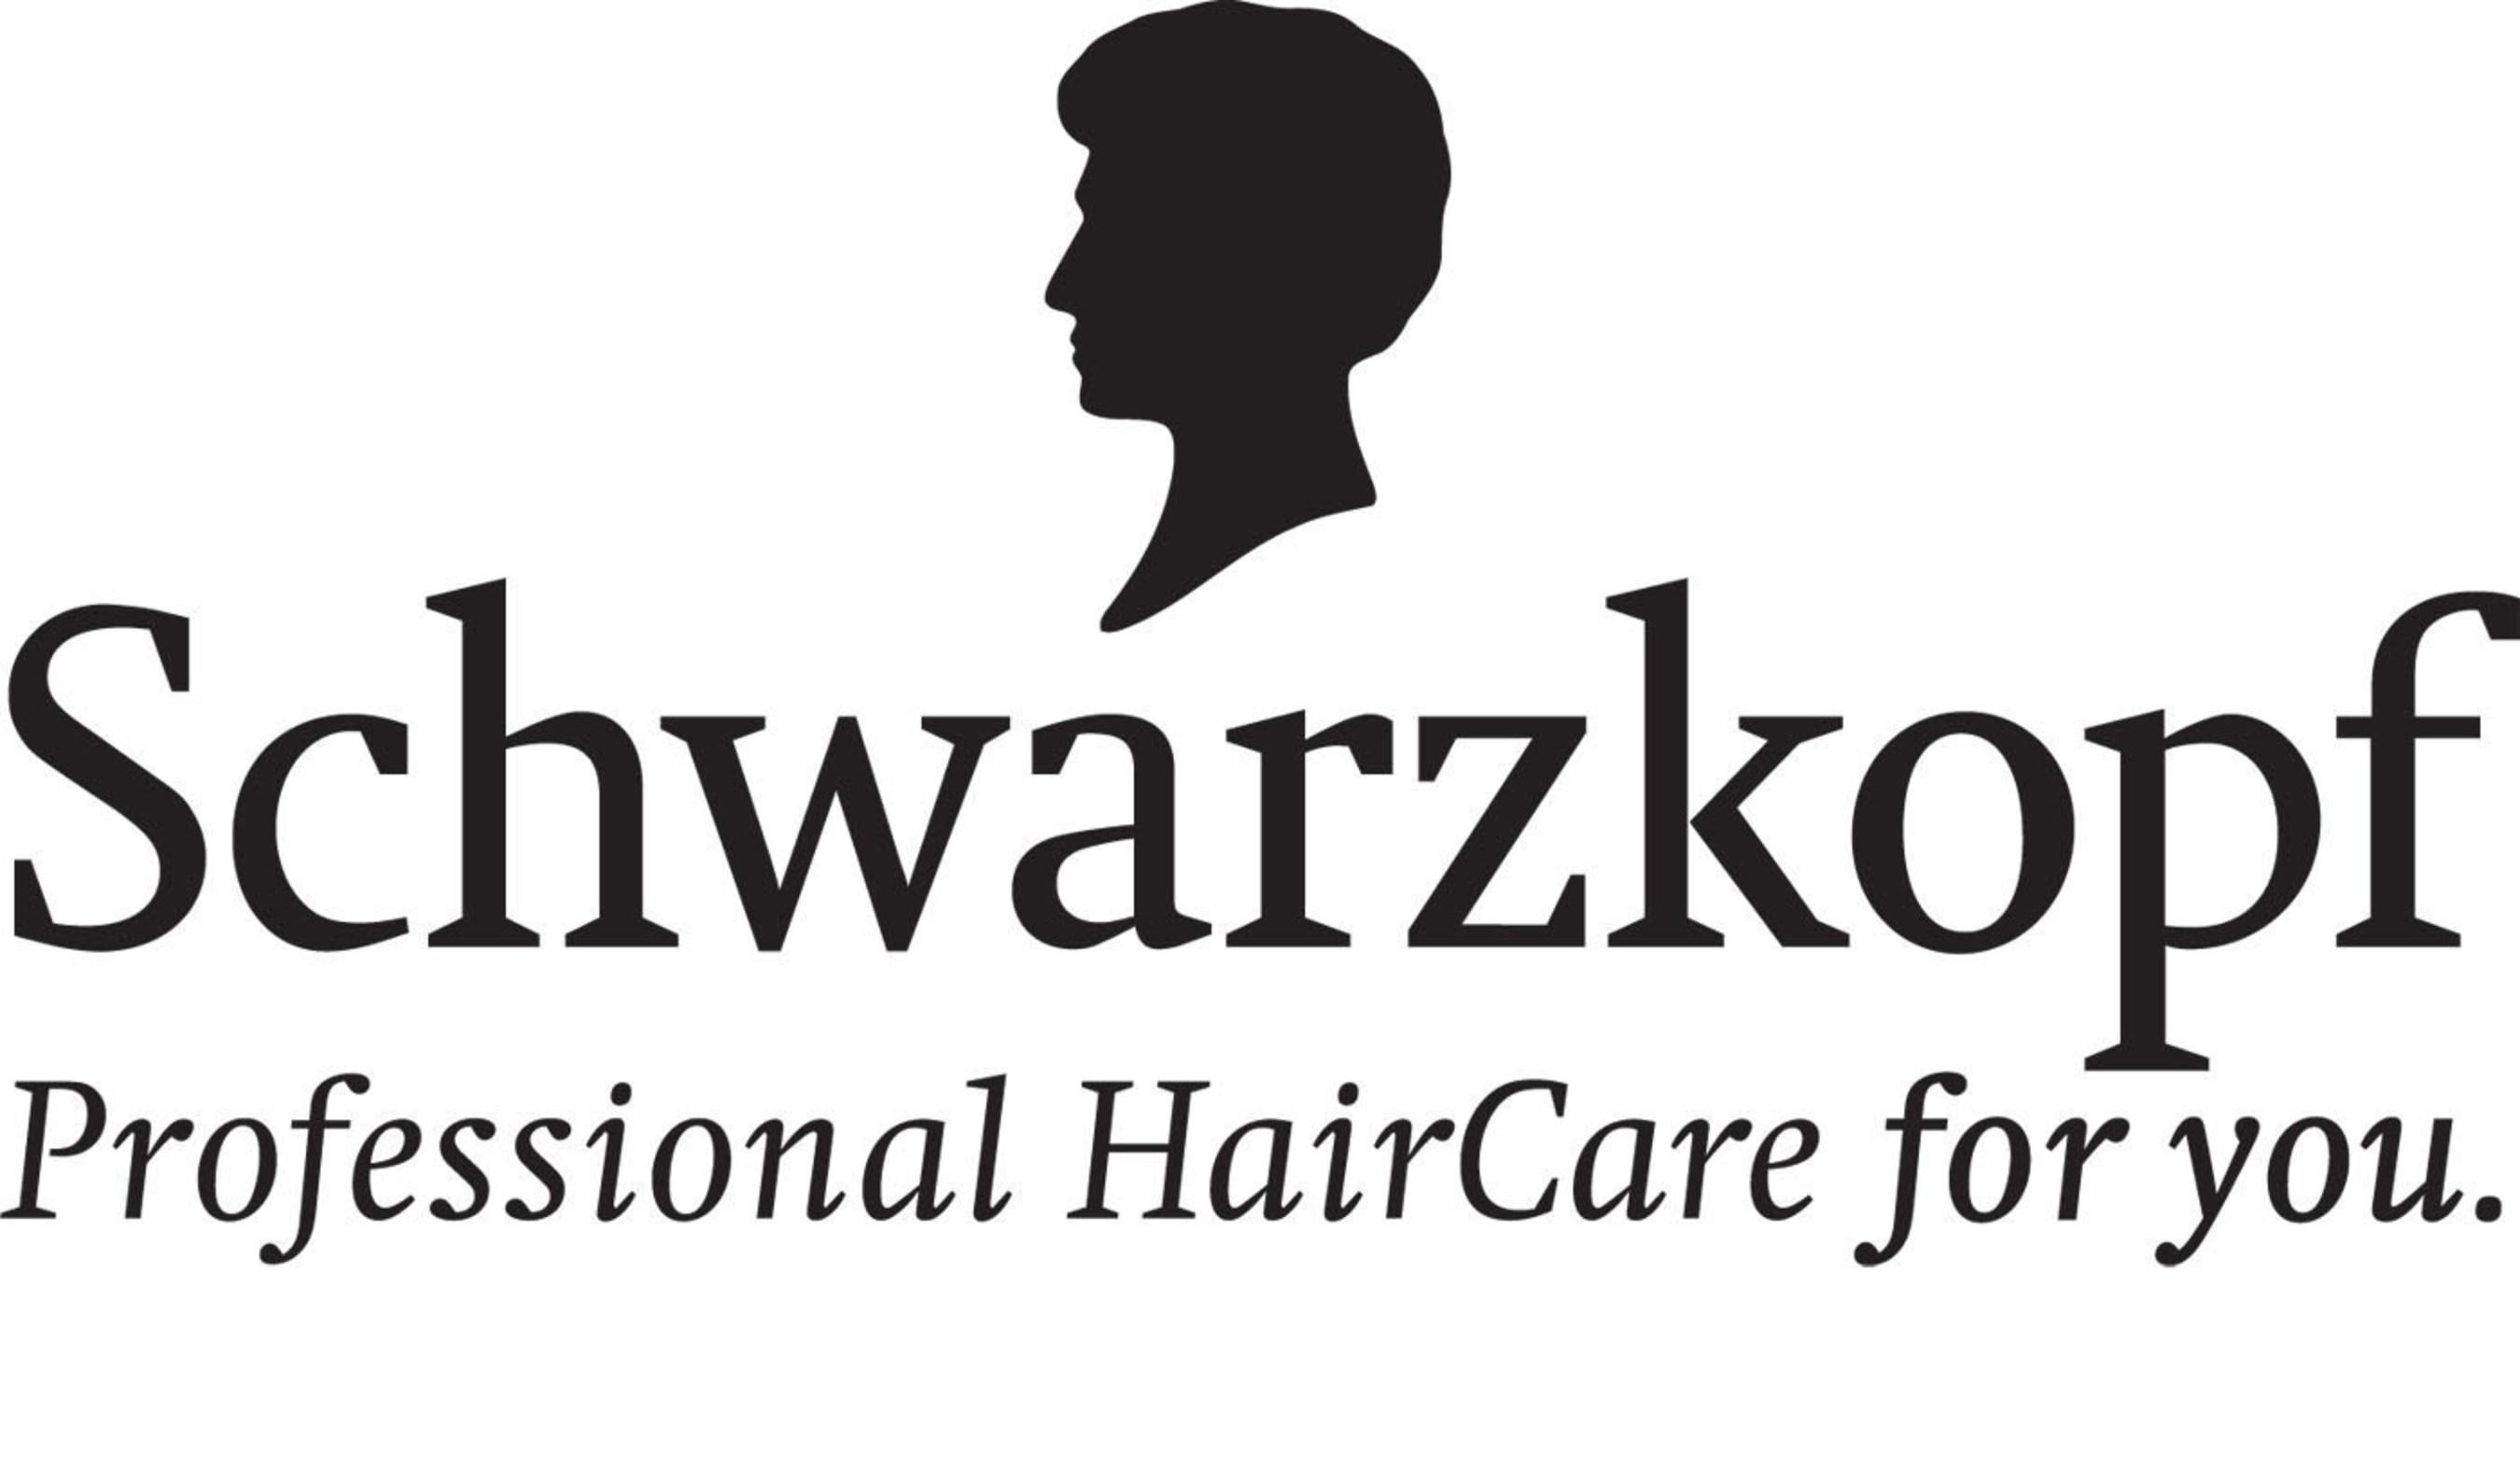 SCHWARZKOPF ULTIME WINS 2015 WOMEN'S HEALTH BEAUTY AWARD